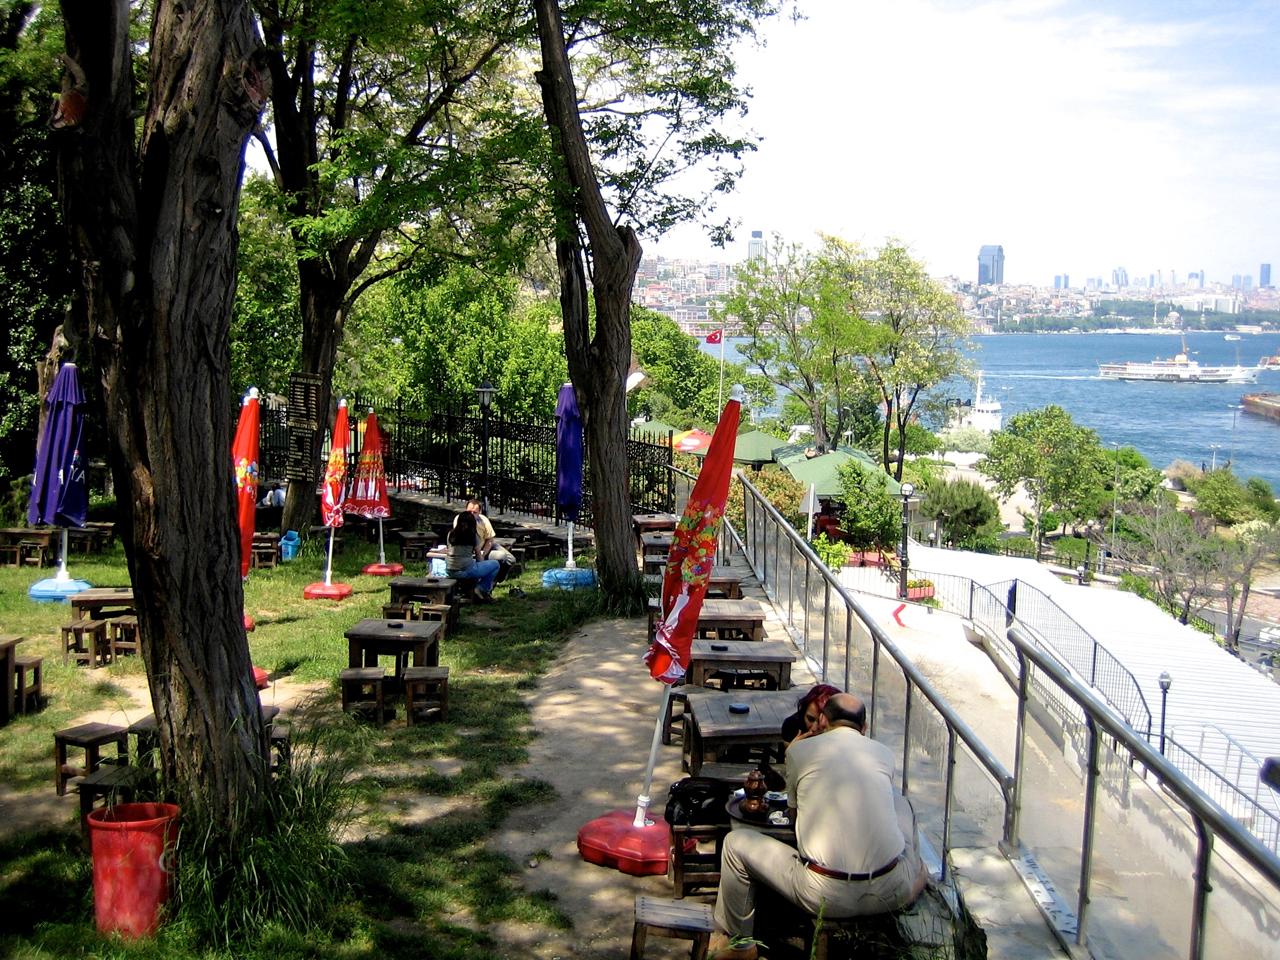 In einem Café in Istanbul mit Blick auf den Bosporus und den Asiatischen Teil der Türkei.